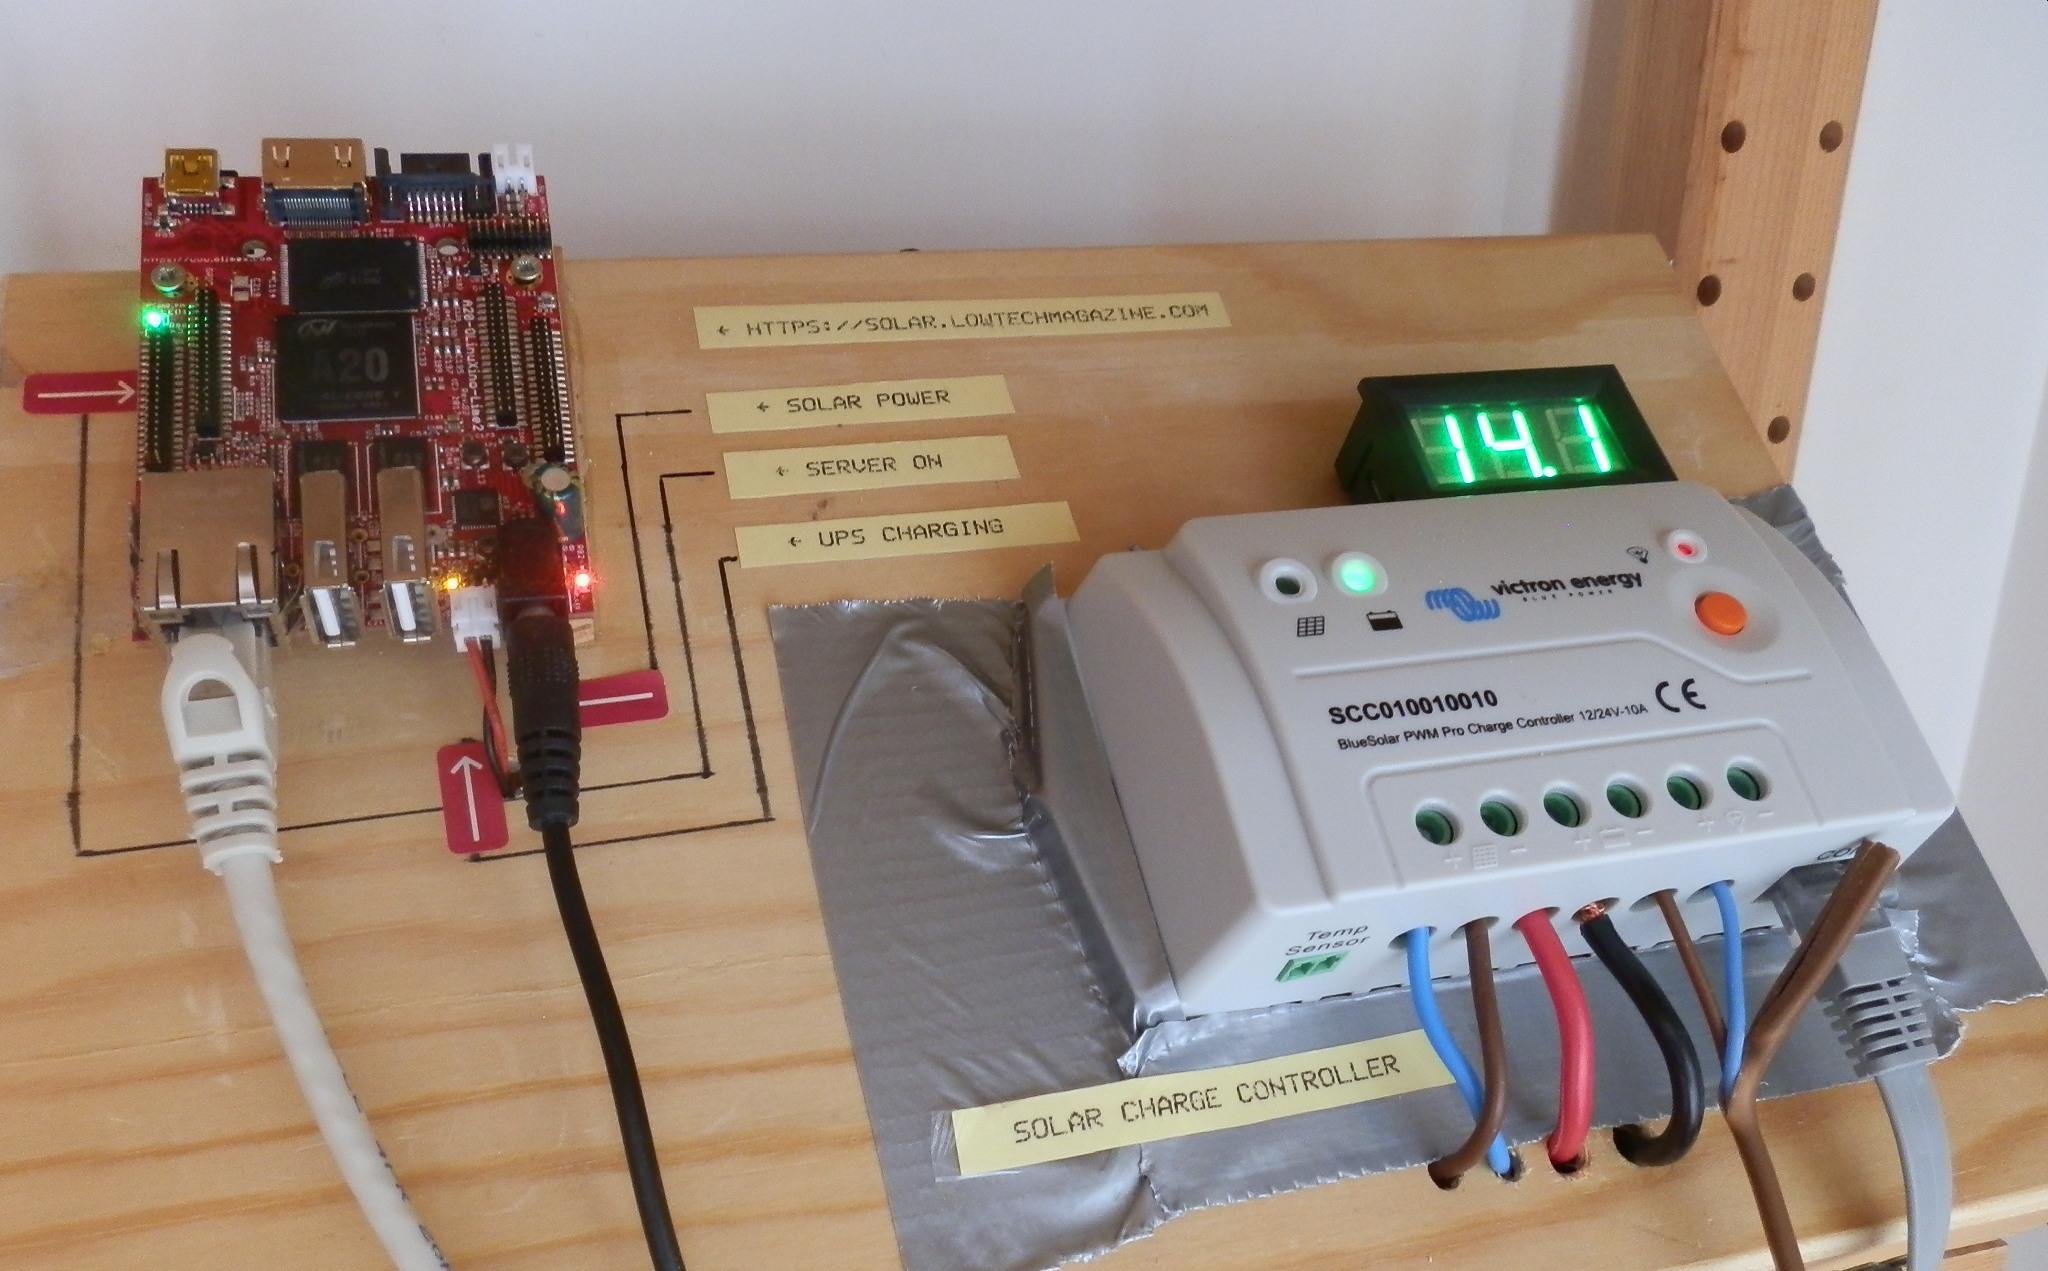 Самые необычные виды хостинга: домашний компьютер, Raspberry Pi и чужие серверы - 5